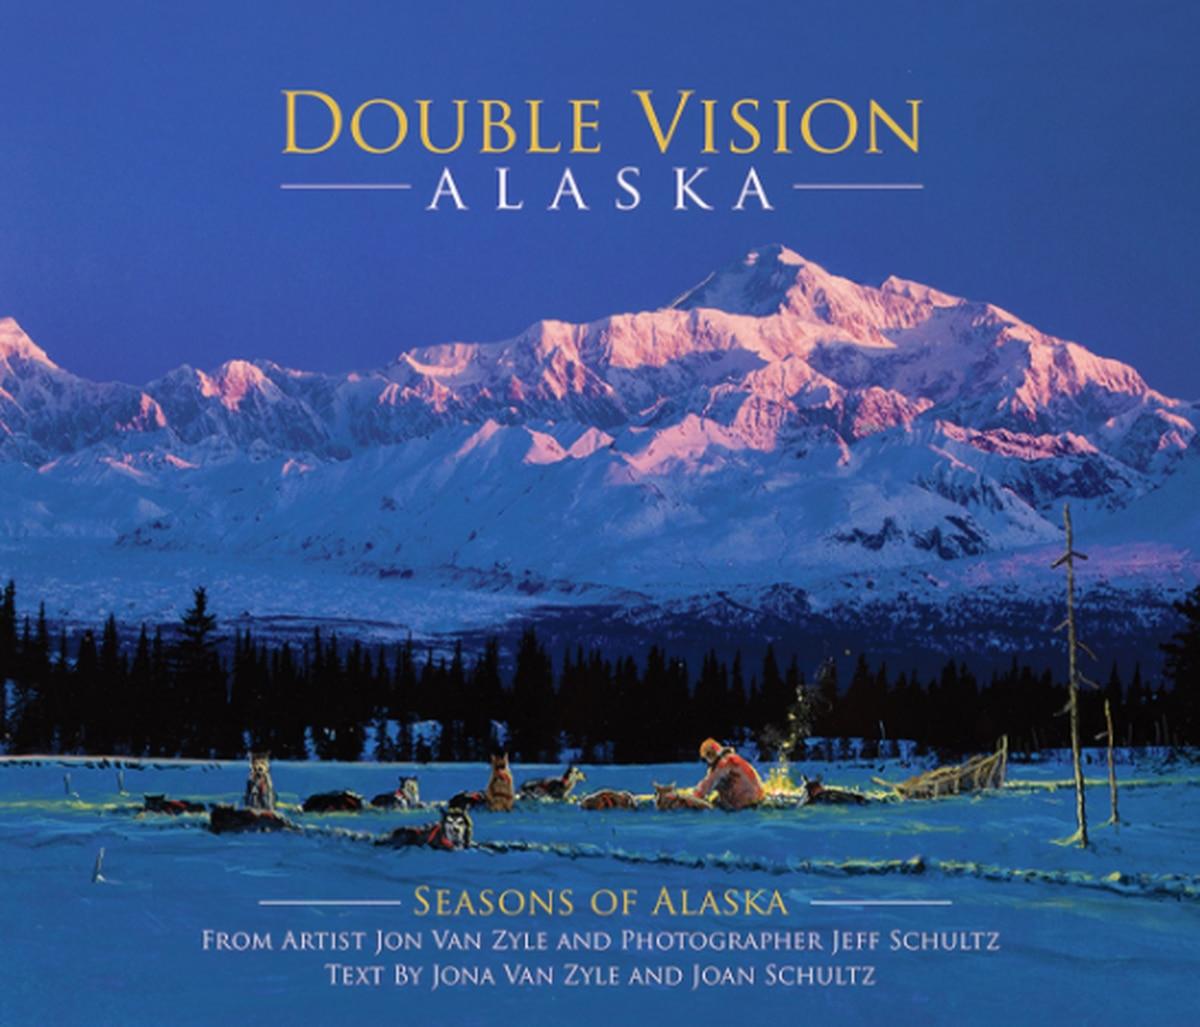 """""""Double Vision Alaska: Seasons of Alaska,"""" by Jon Van Zyle, Jeff Schultz, Jona Van Zyle, and Joan Schultz."""